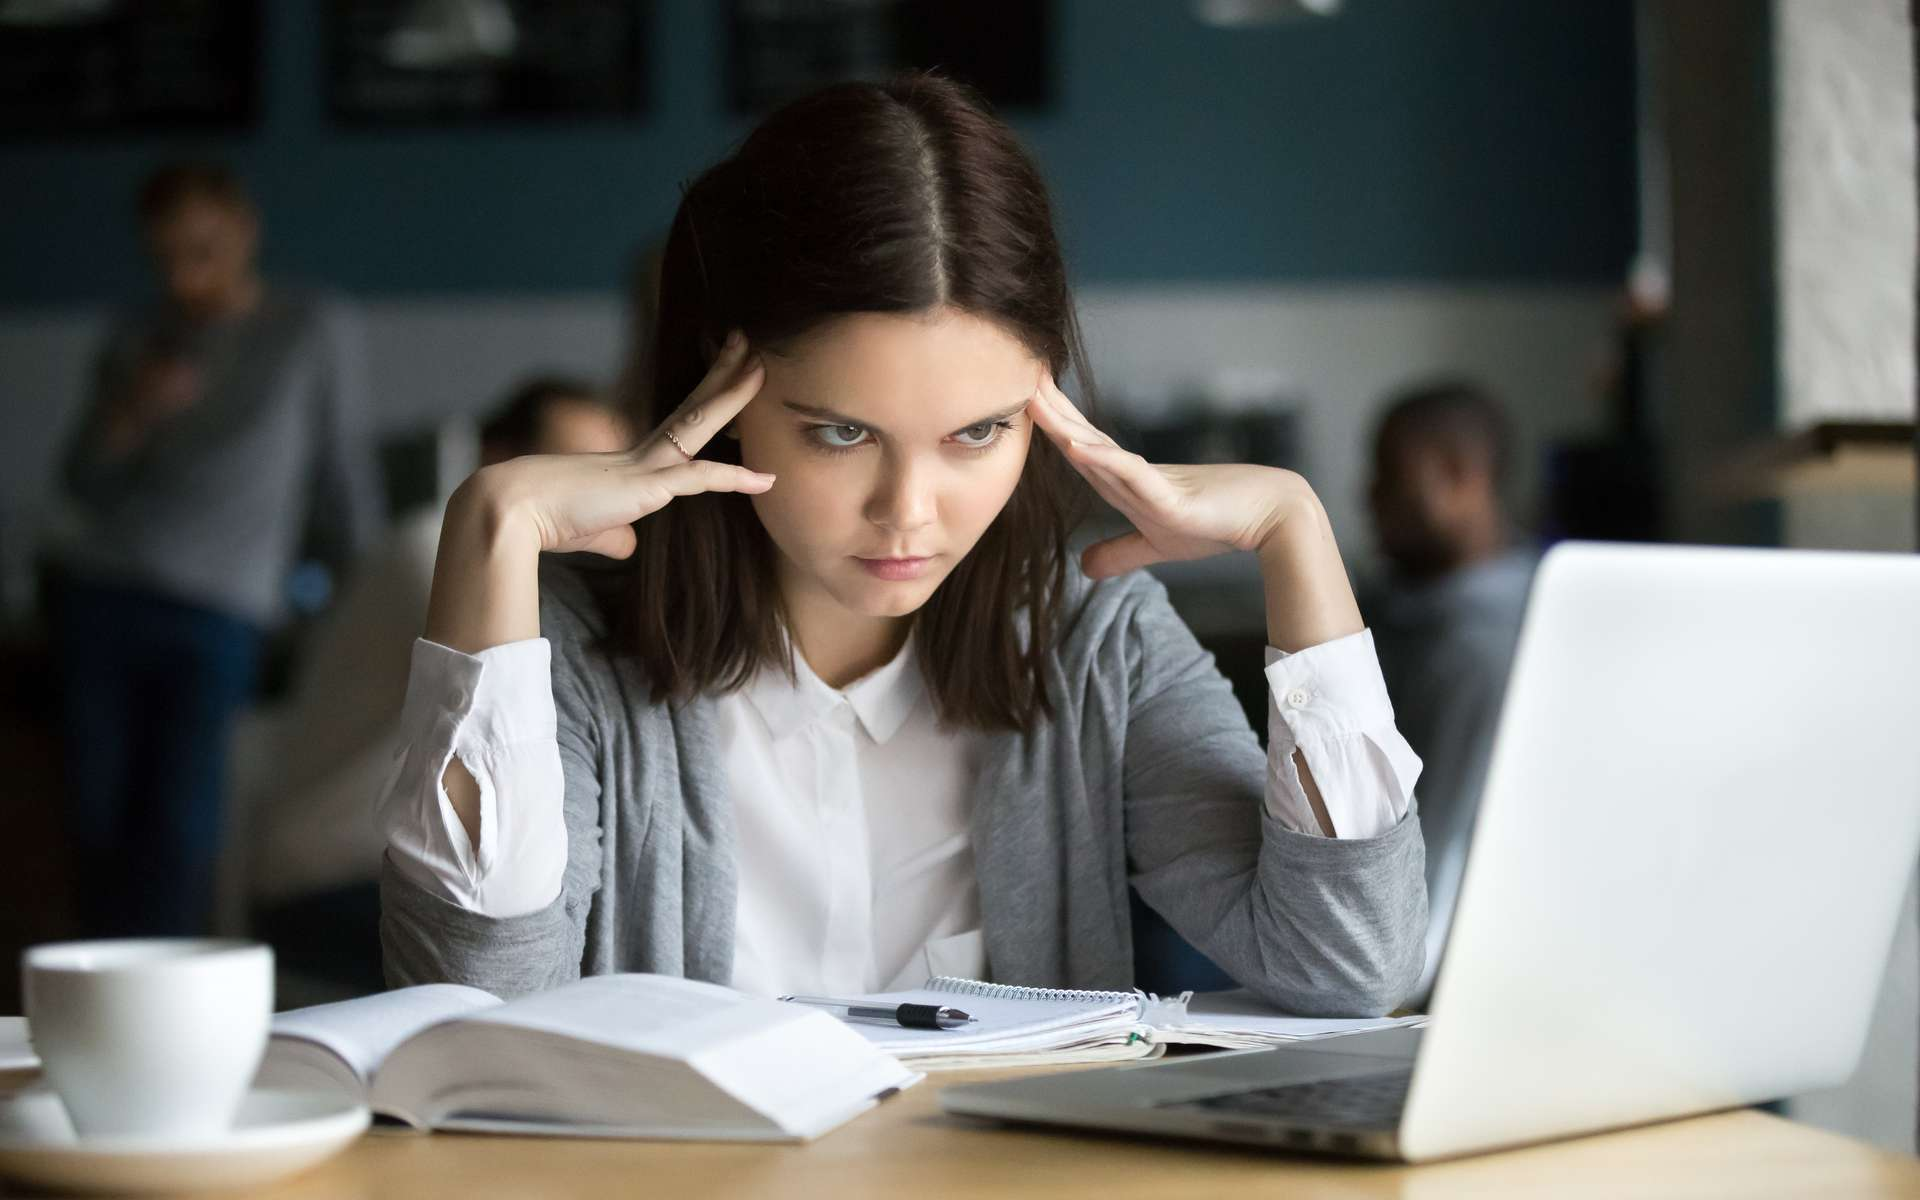 Les secrets du cerveau pour rester concentré et faire un tri sélectif. © fizkes, Adobe Stock